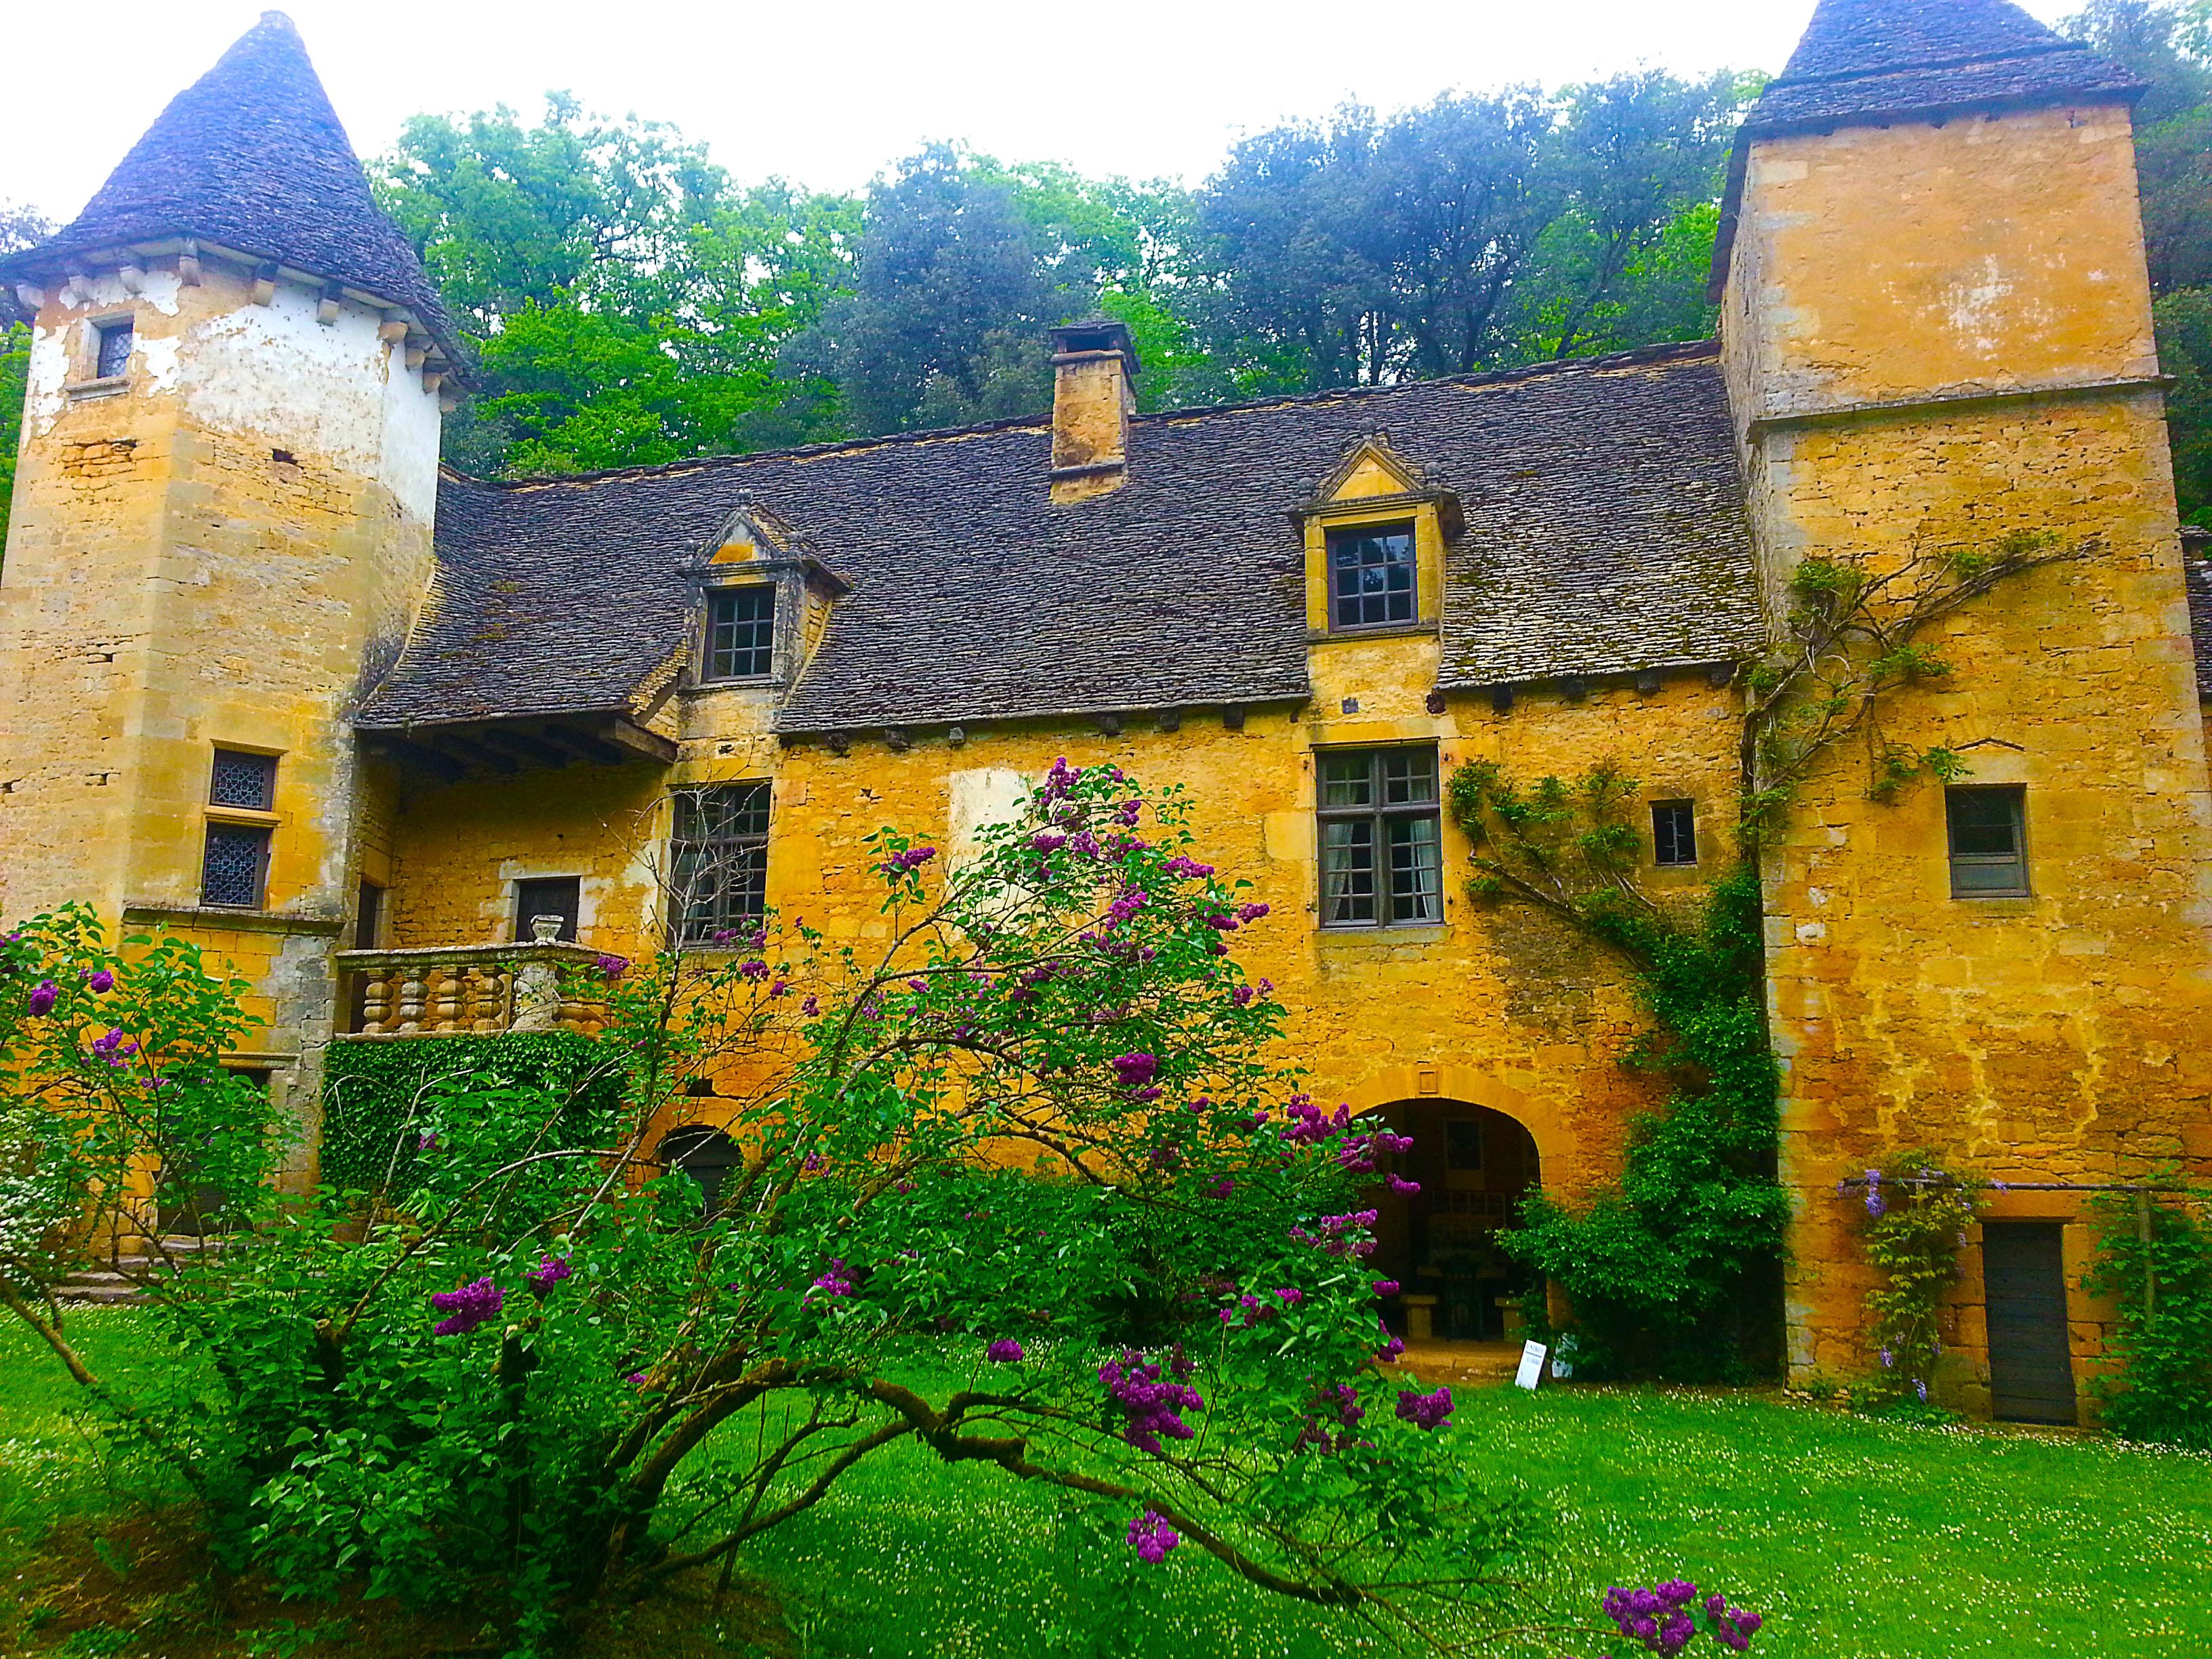 La château de Saint-Crépin-et-Carlucet dans le Périgord parmi les 25 lieux incroyables à voir en Europe